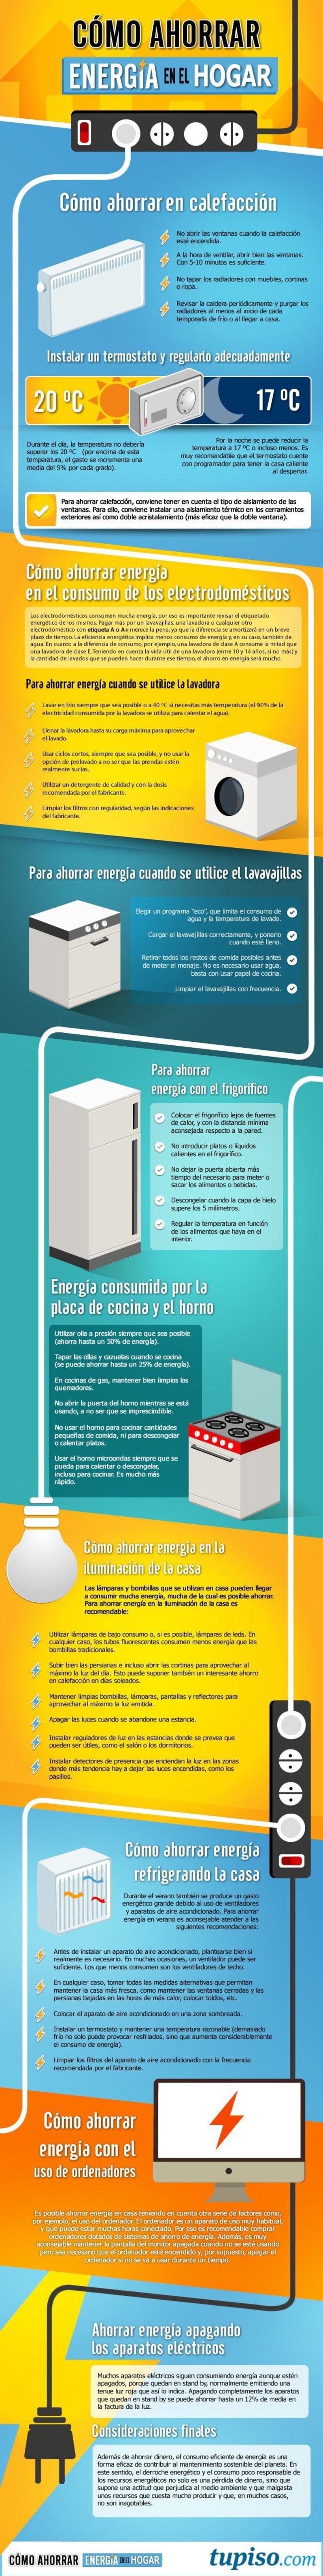 Infografia  Cómo ahorrar energía en el hogar -1